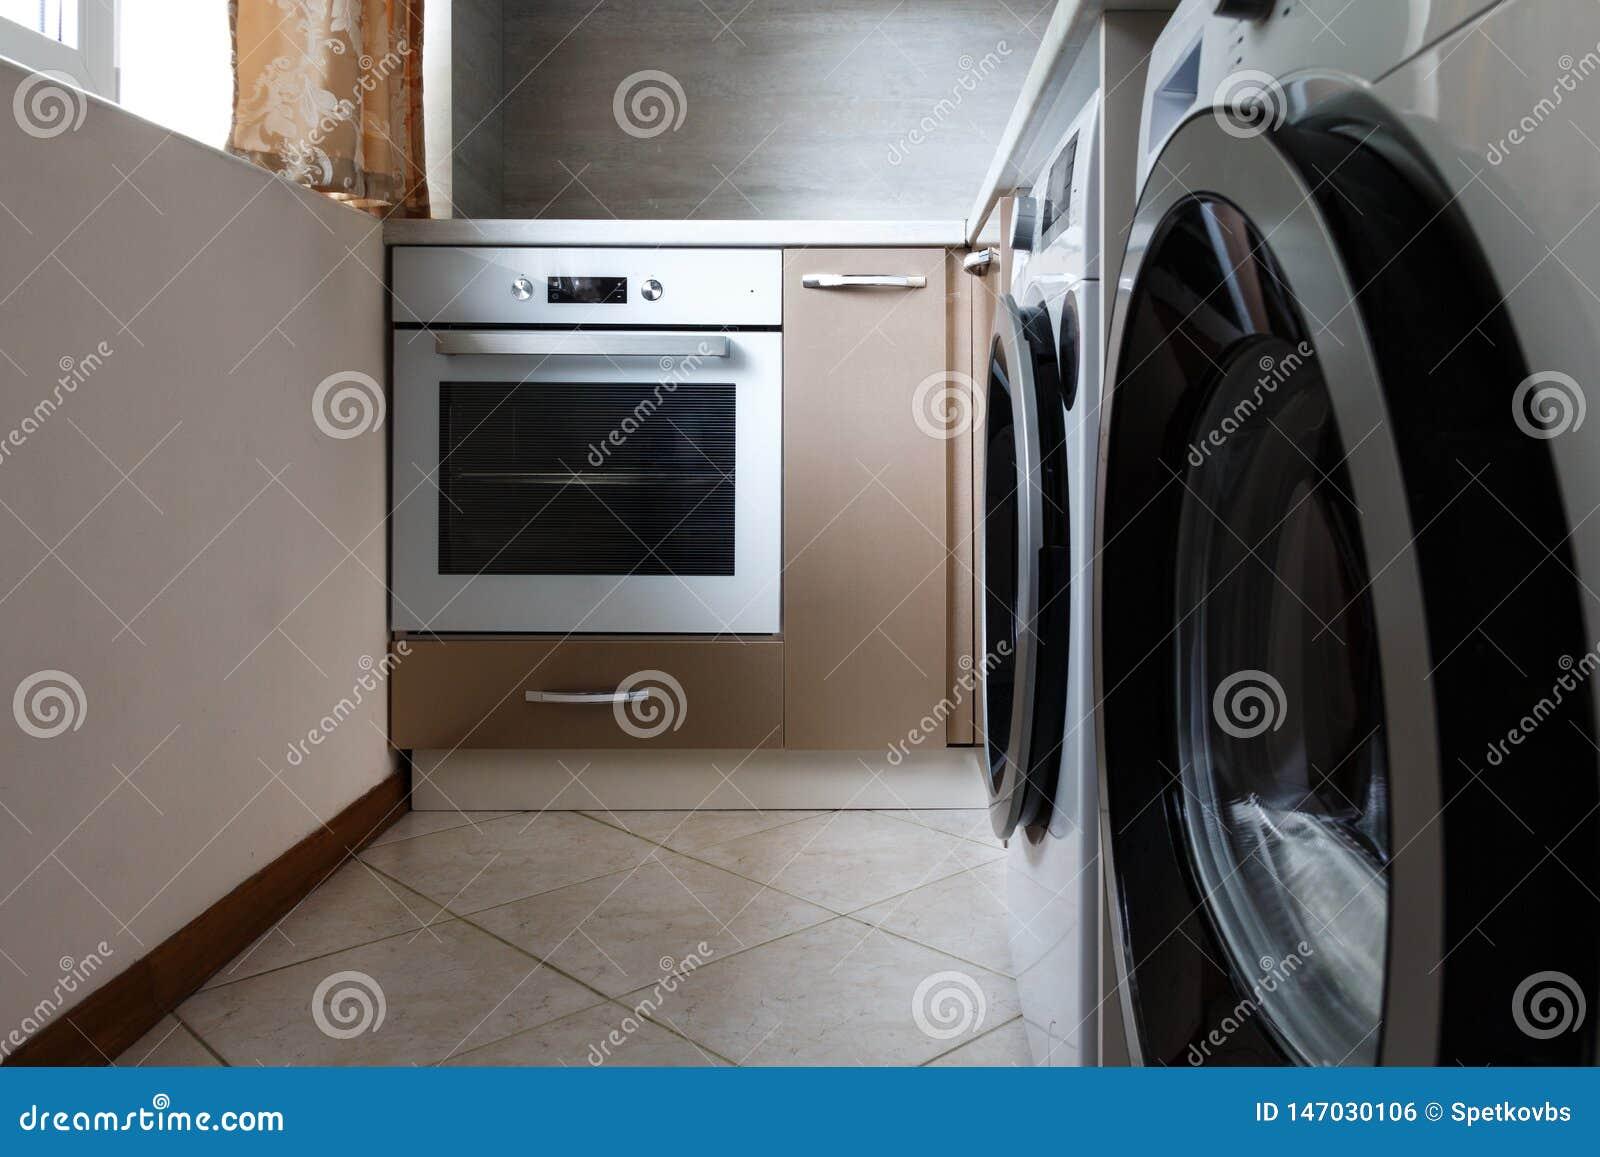 Máquina de lavar e forno na cozinha